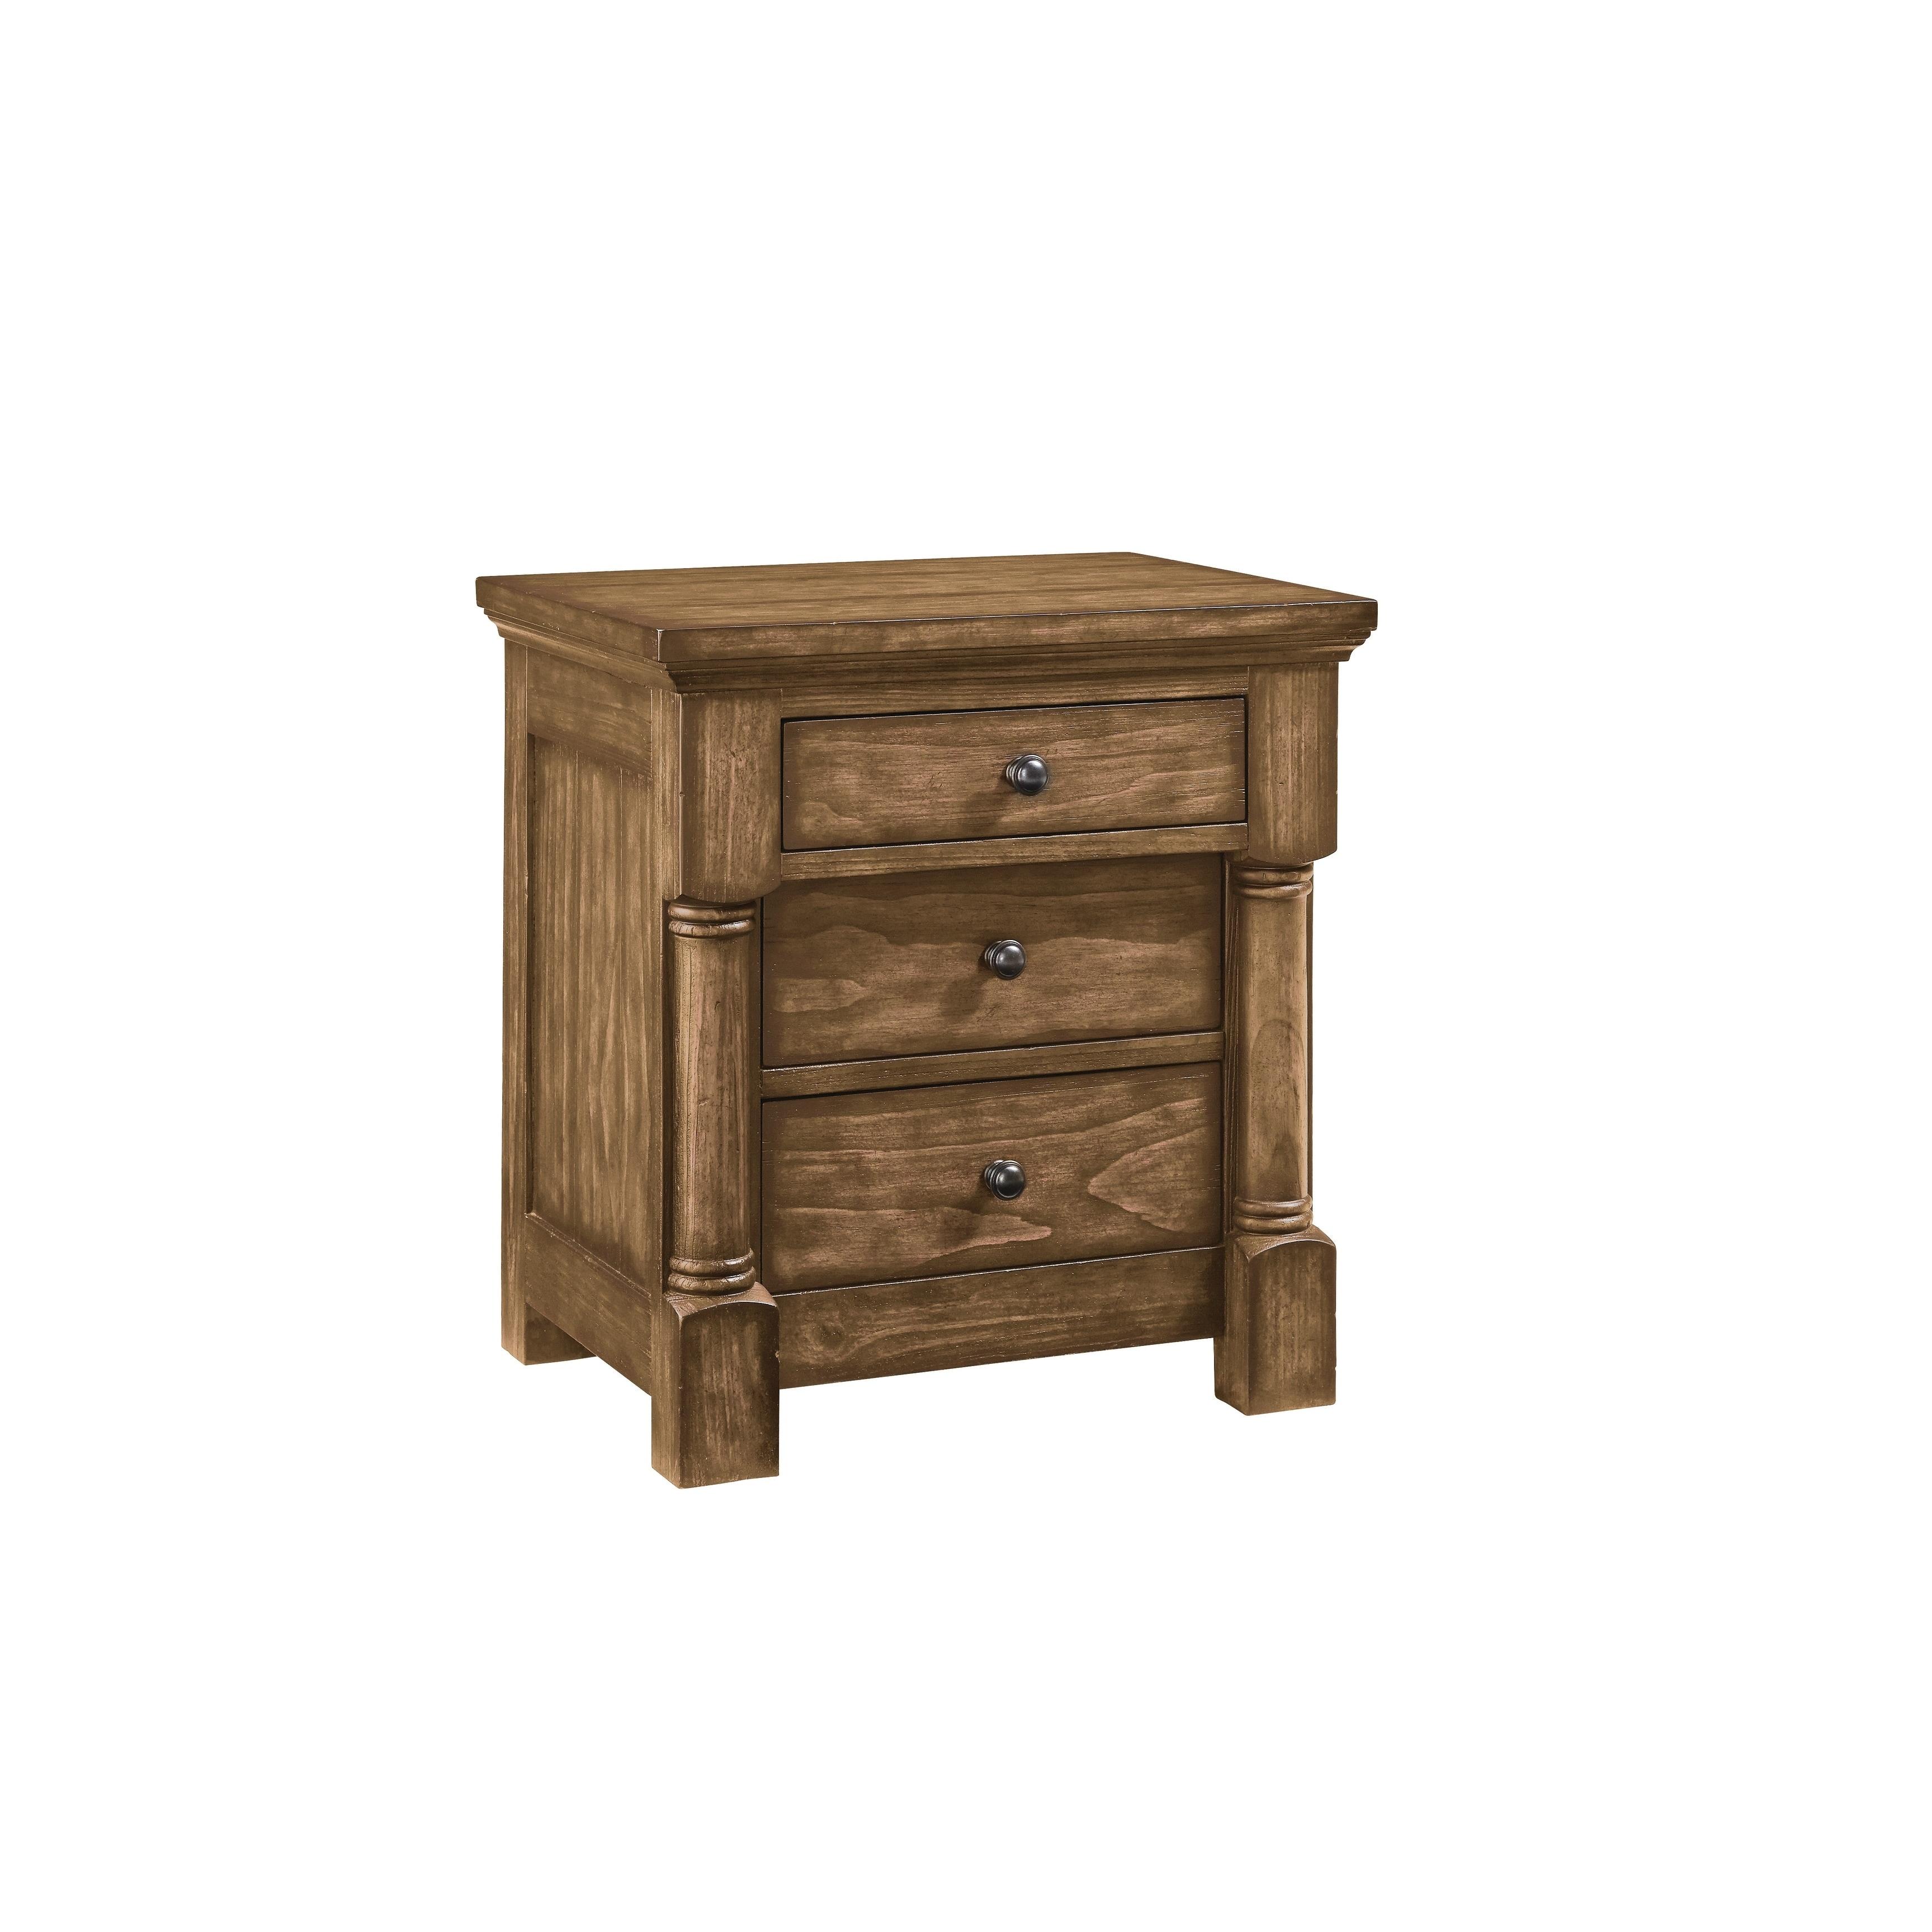 Standard Furniture Augusta Court Nightstand